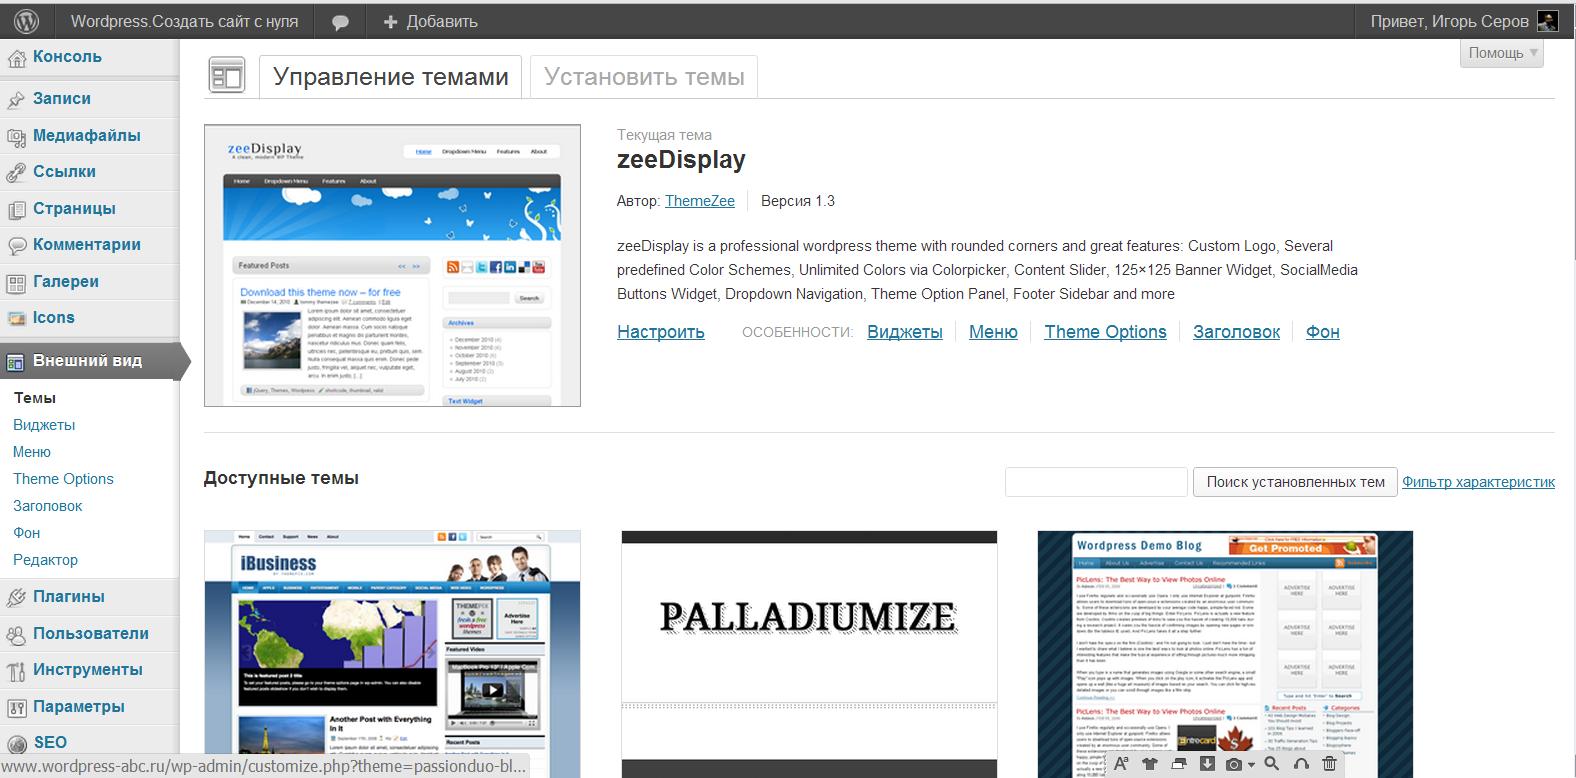 Как установить тему wordpress на хостинг переезд сайта на новый хостинг dns